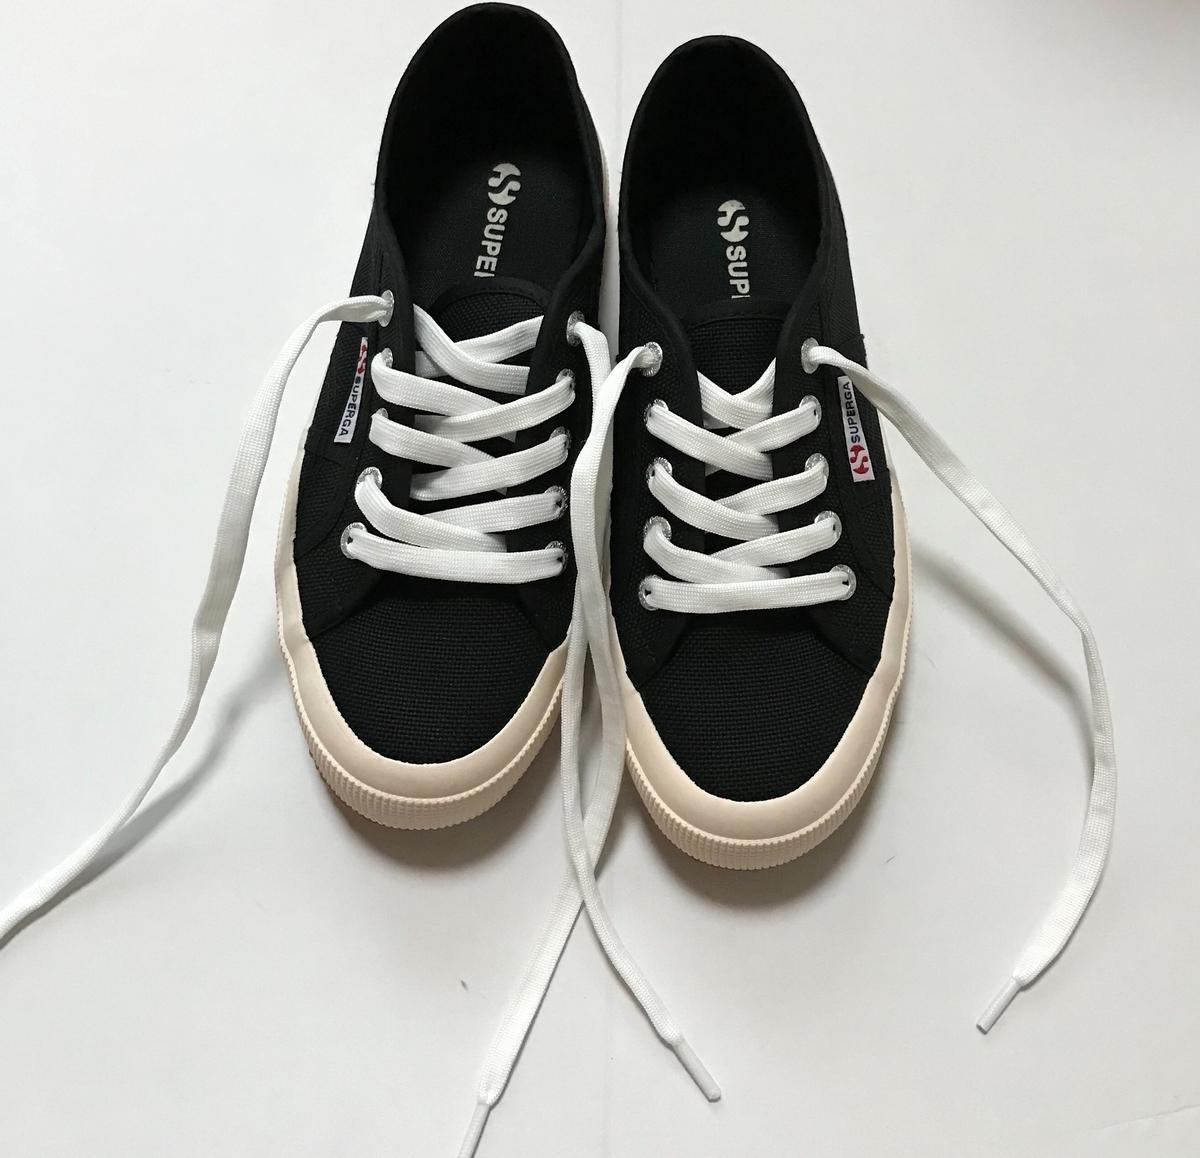 靴紐をかえた後のスニーカー